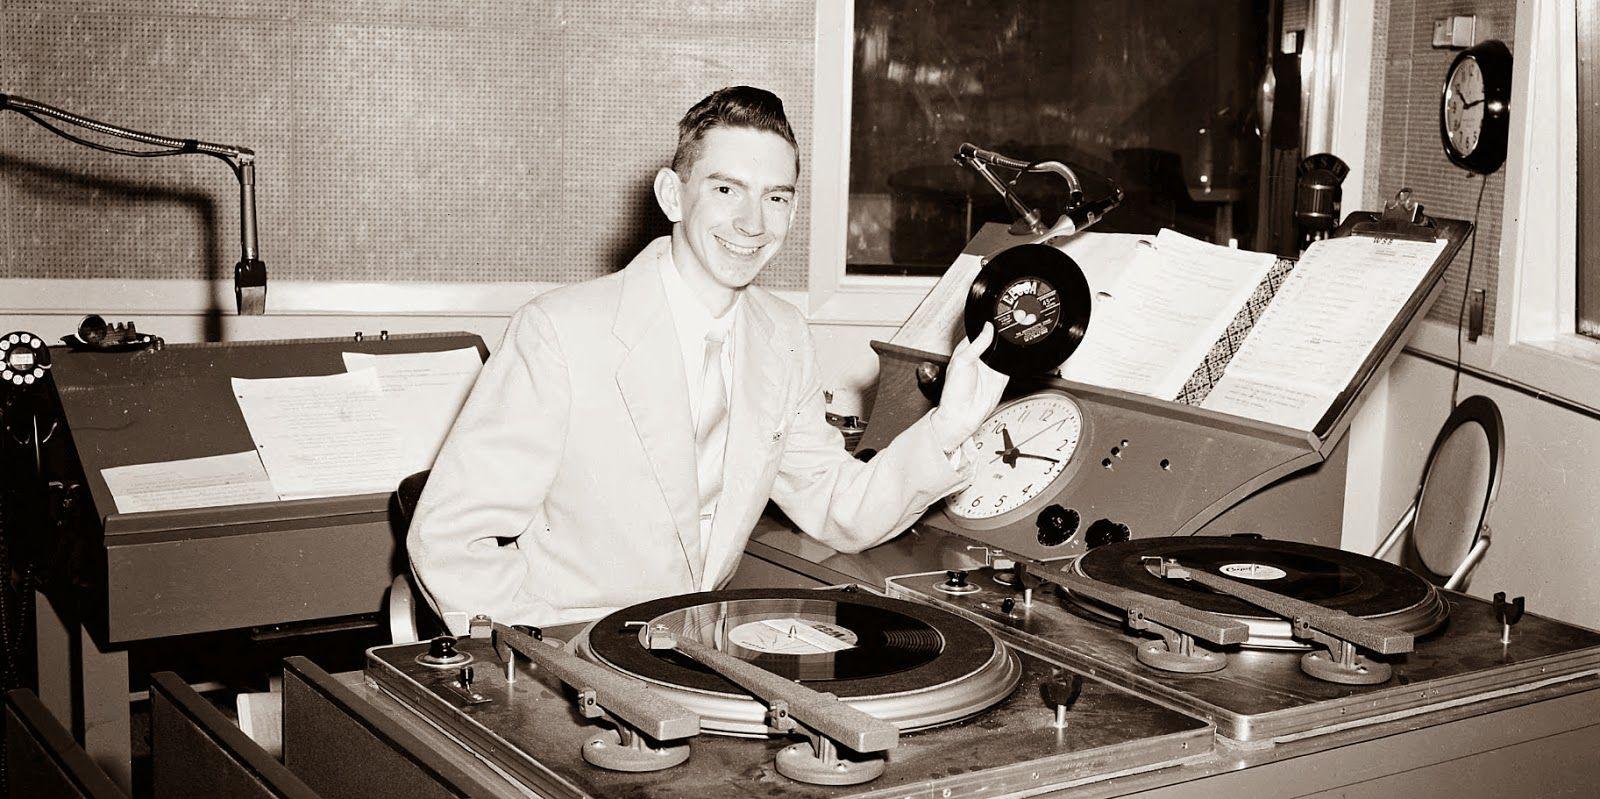 Jim Wesley mans the DJ booth at Atlanta's WSB radio station